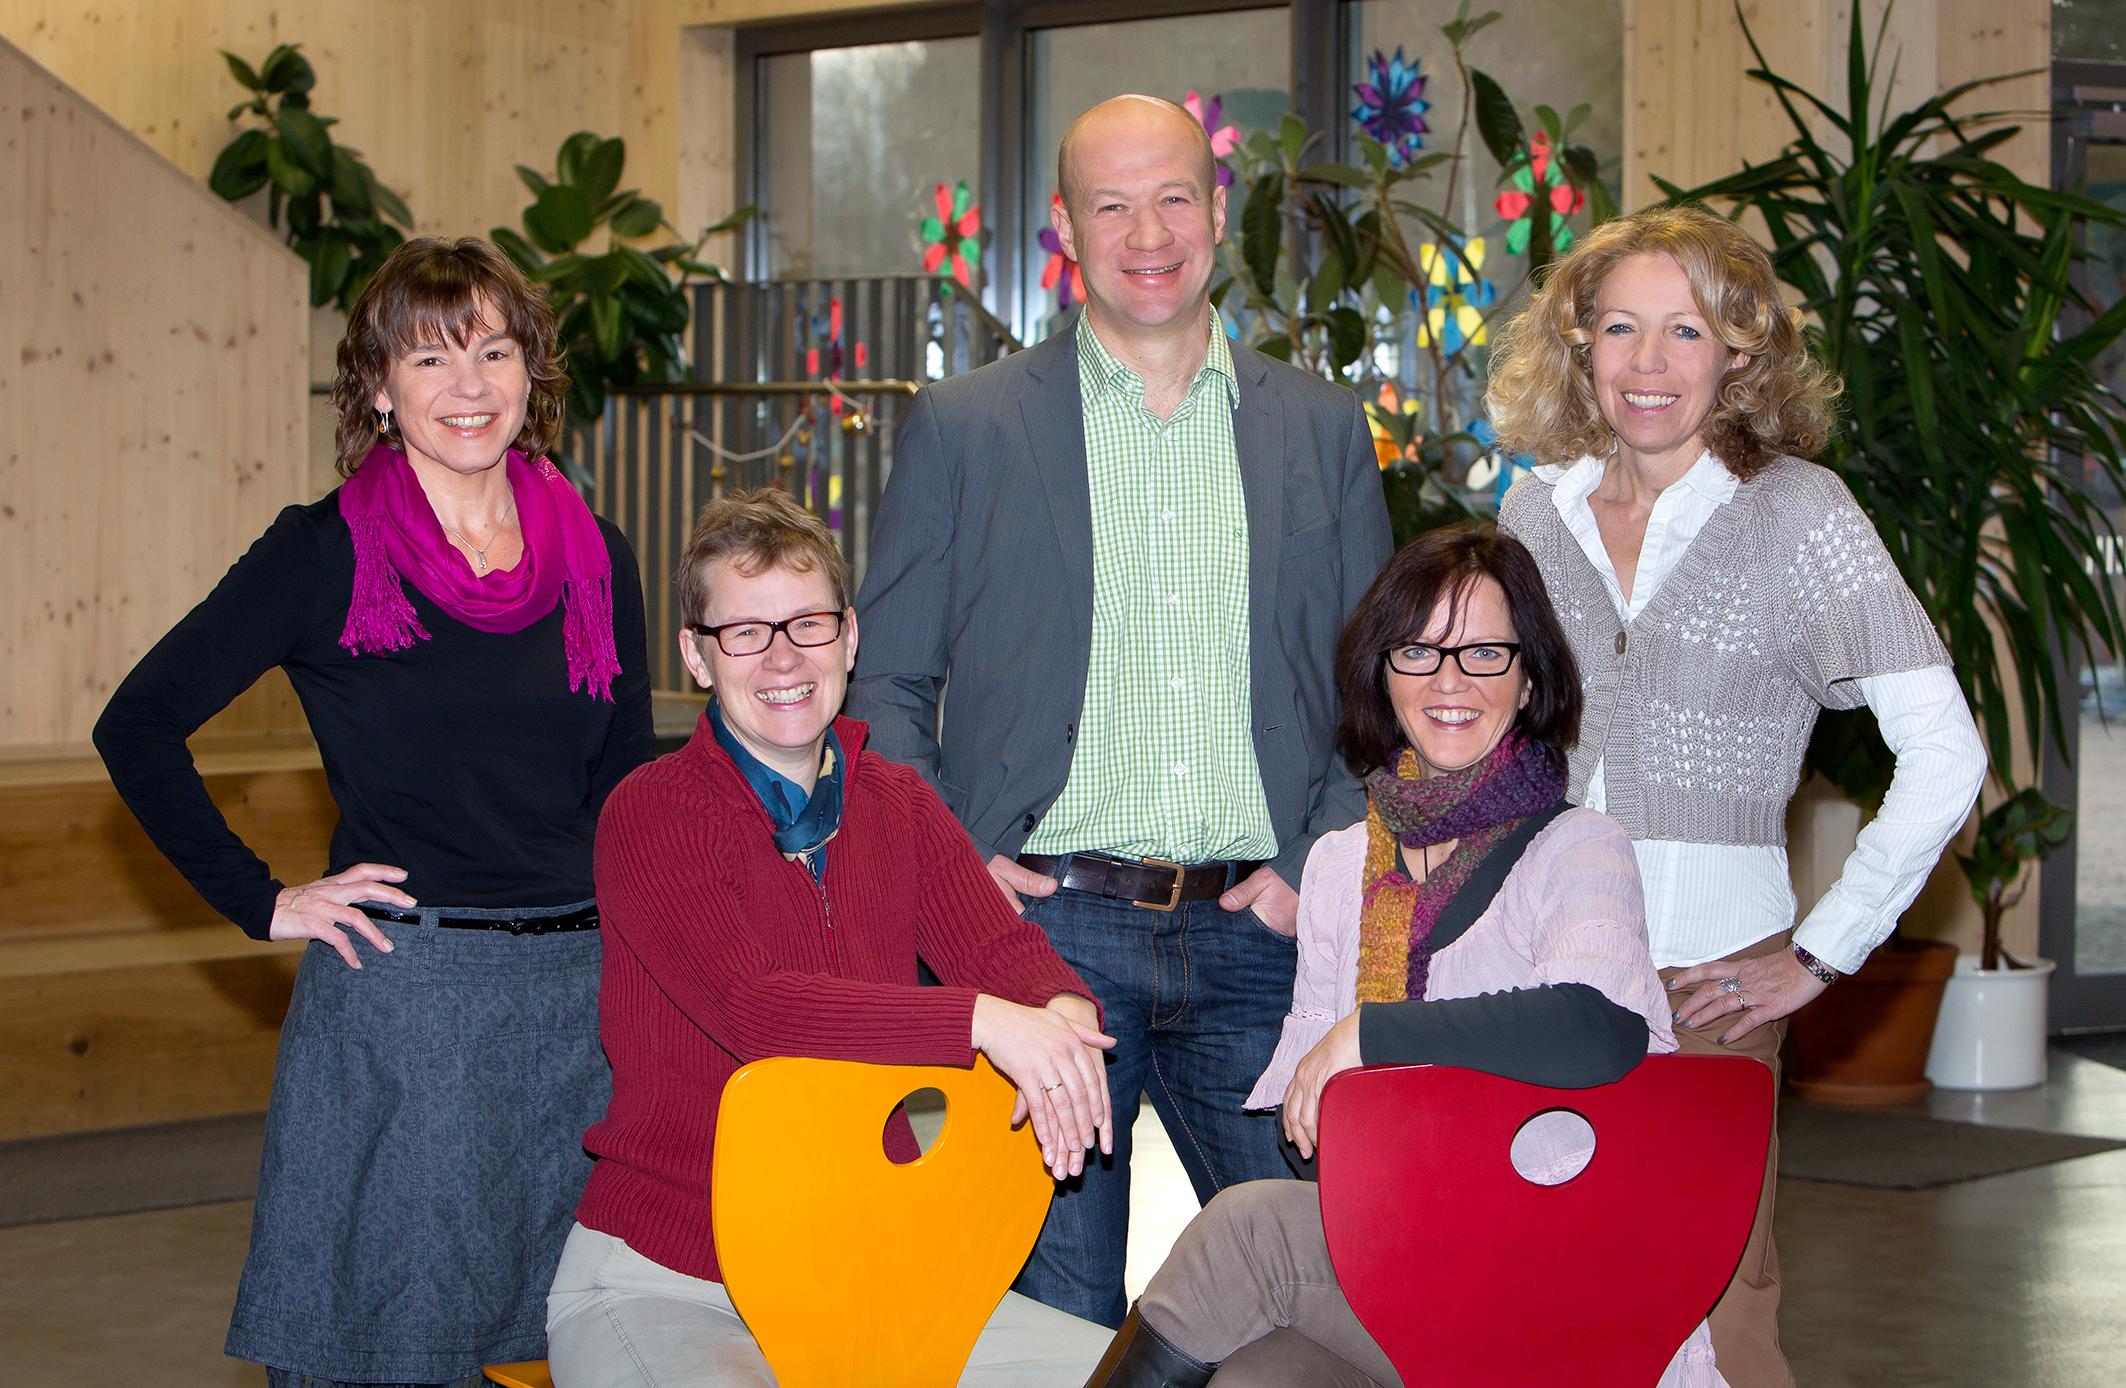 von links: Karin Schlögel (Personalverwaltung), Martina Schmid (Assistentin der Geschäftsführung), Michael Feder (Geschäftsführer), Michaela Bergmeier (Sekretariat), Heidi Schmelz (Buchhaltung)